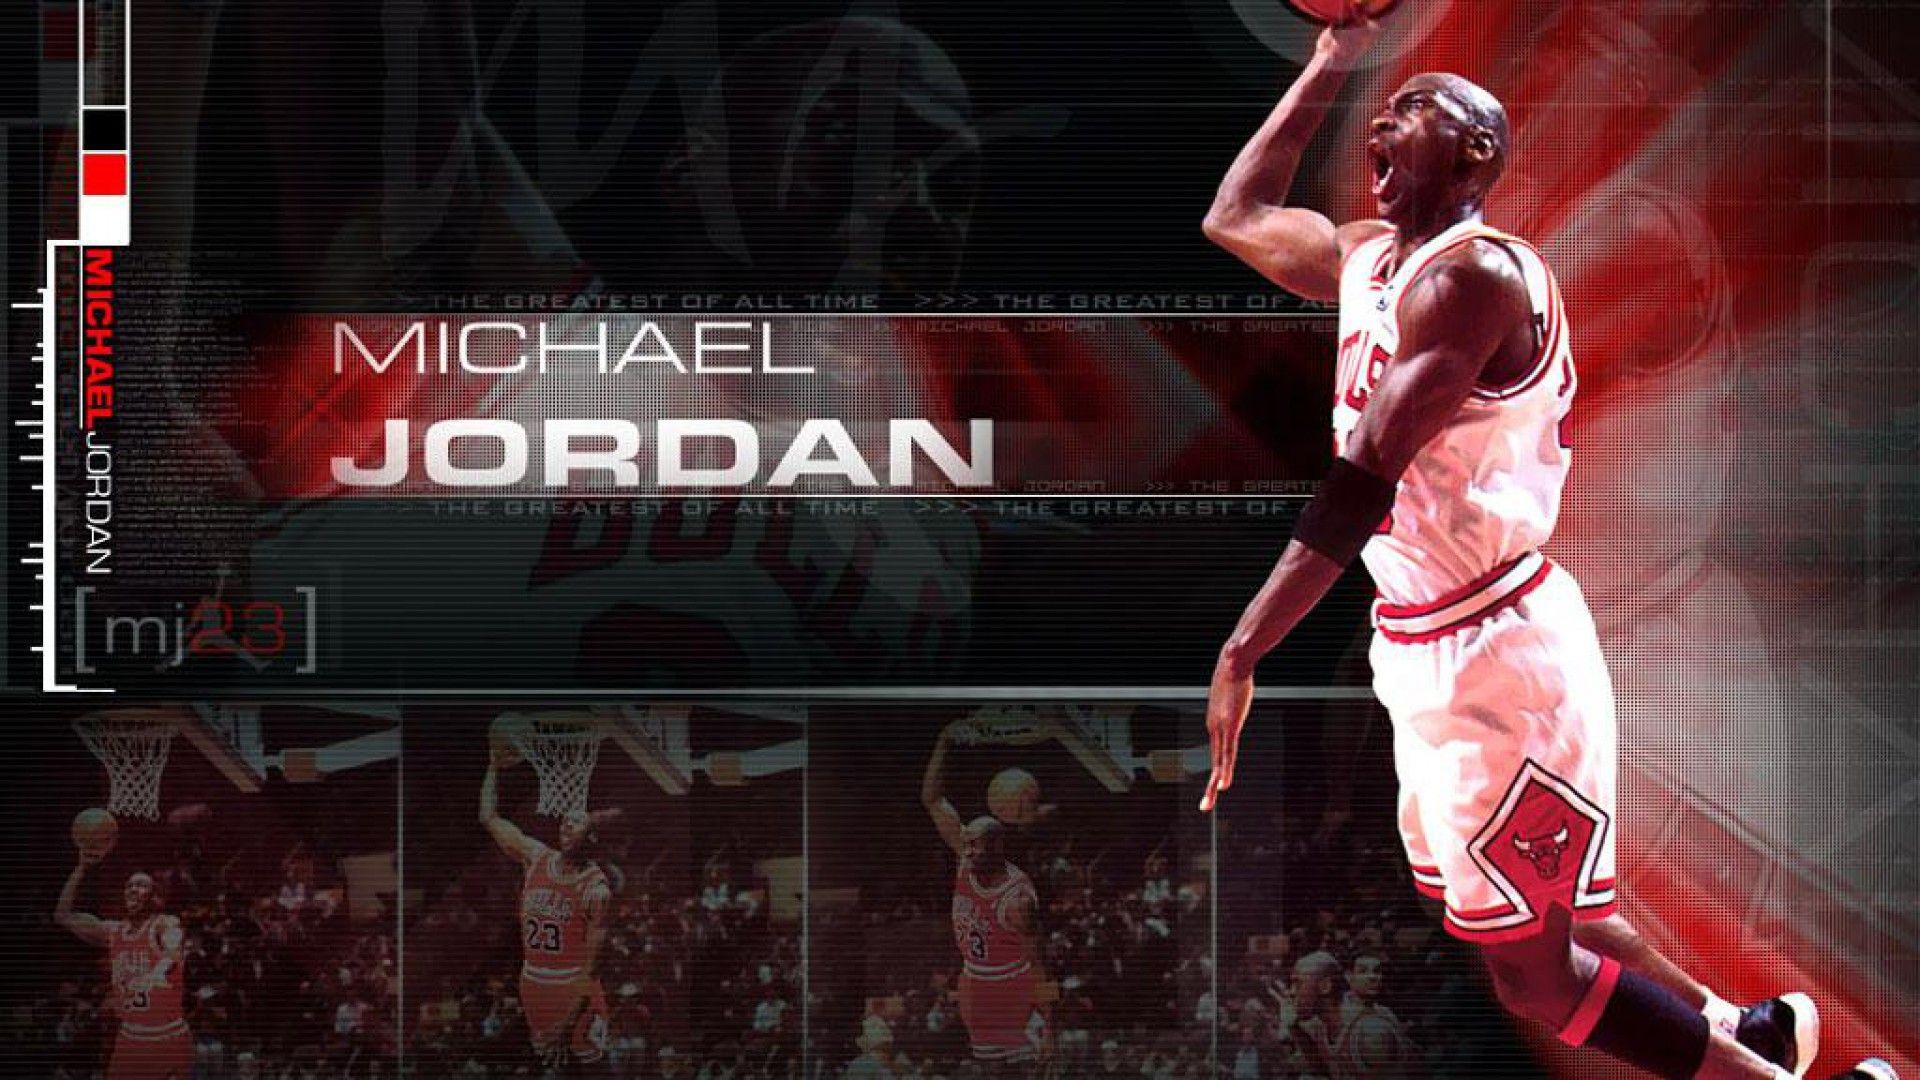 Preview Michael Jordan Wallpaper HD